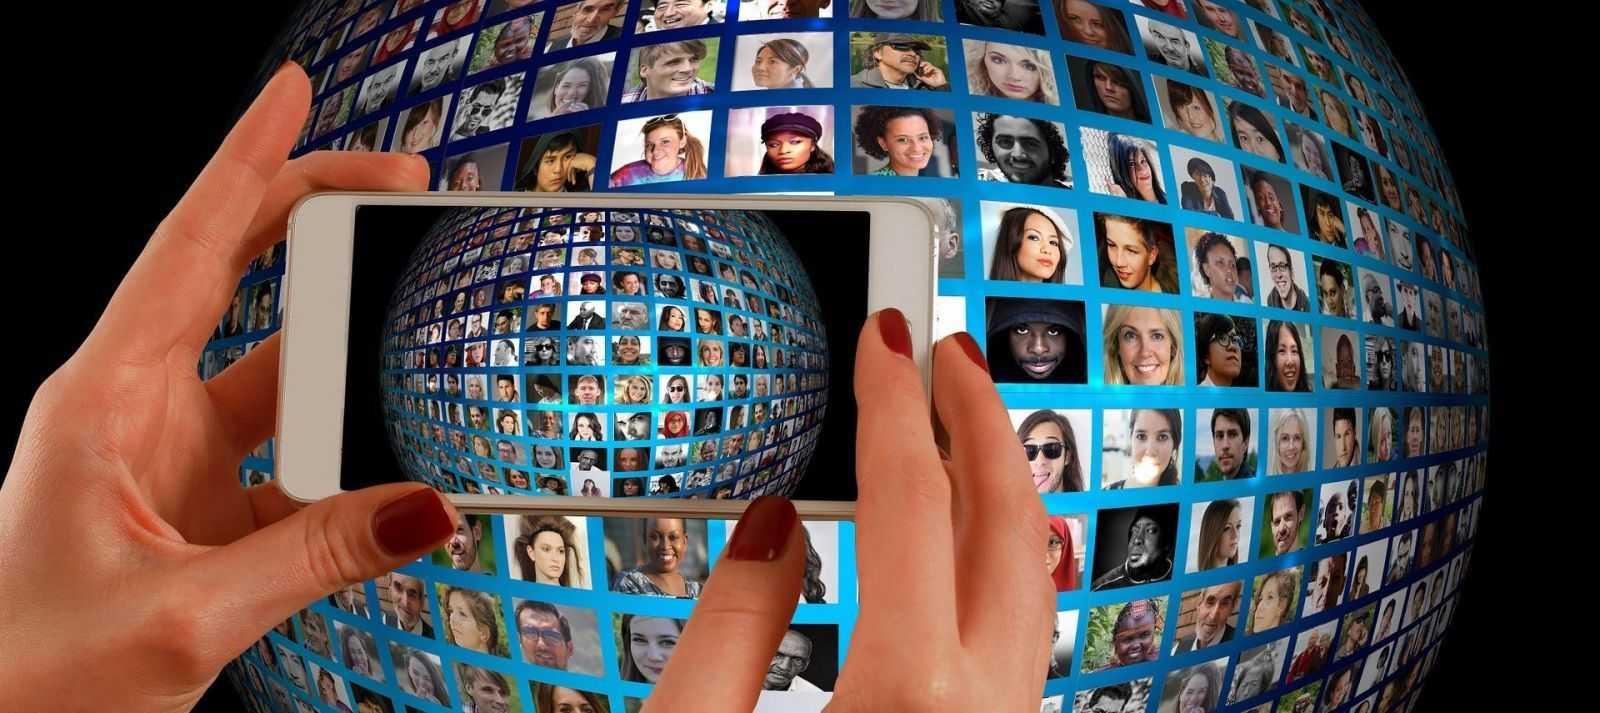 smartphone 1445489 1920 - Пользователи вместо покупателей. Авторская колонка Александра Баулина